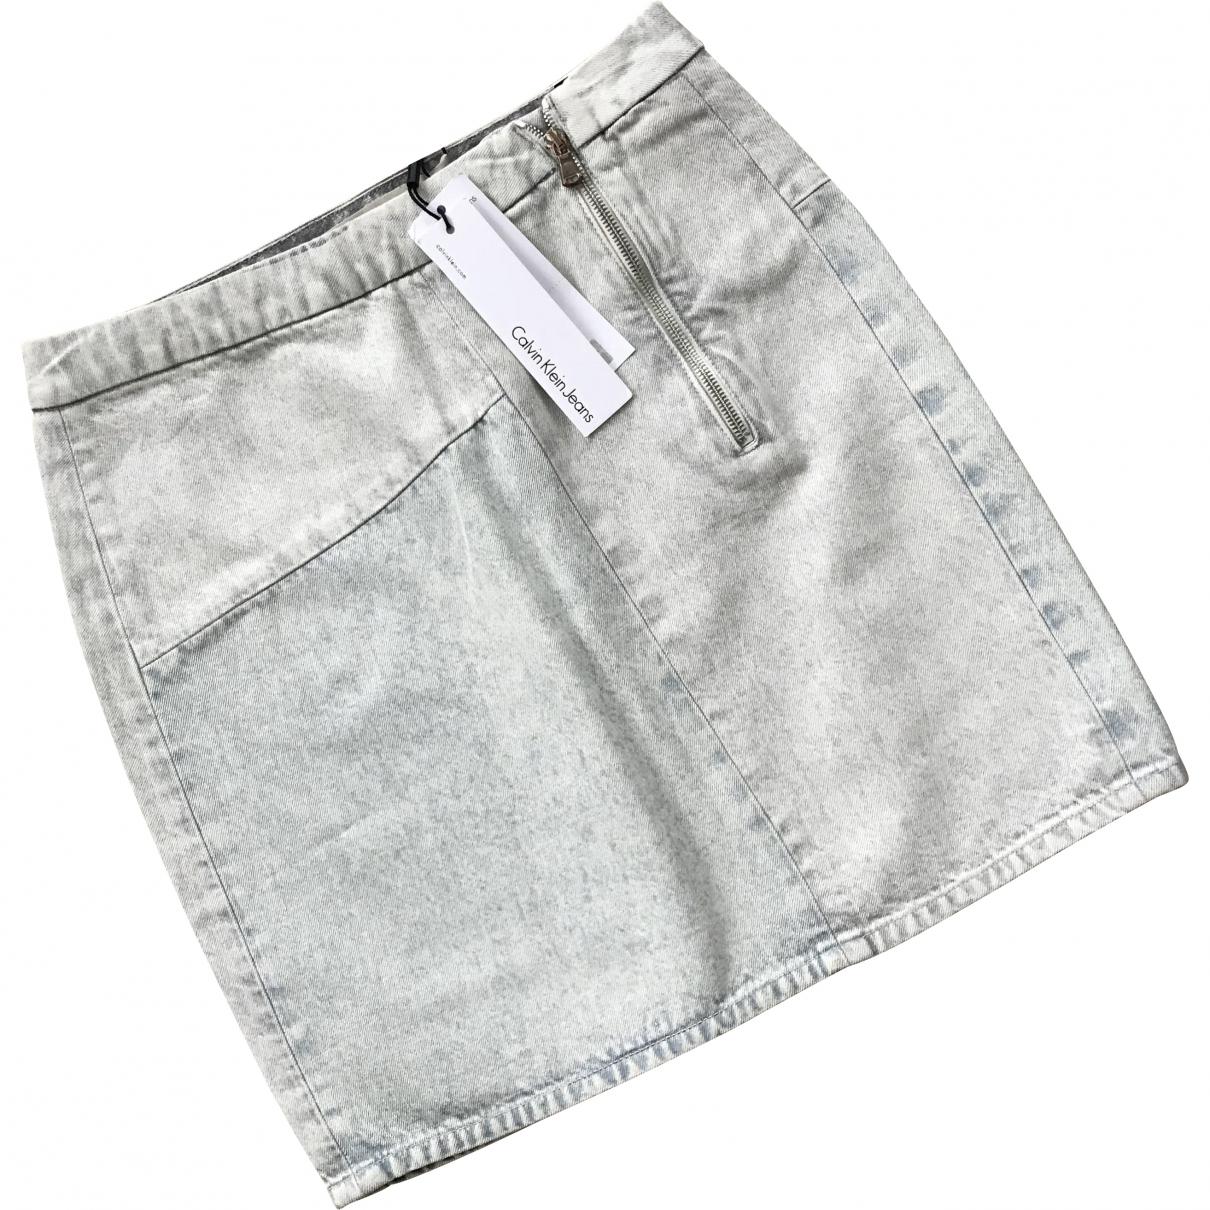 Calvin Klein \N Denim - Jeans skirt for Women M International